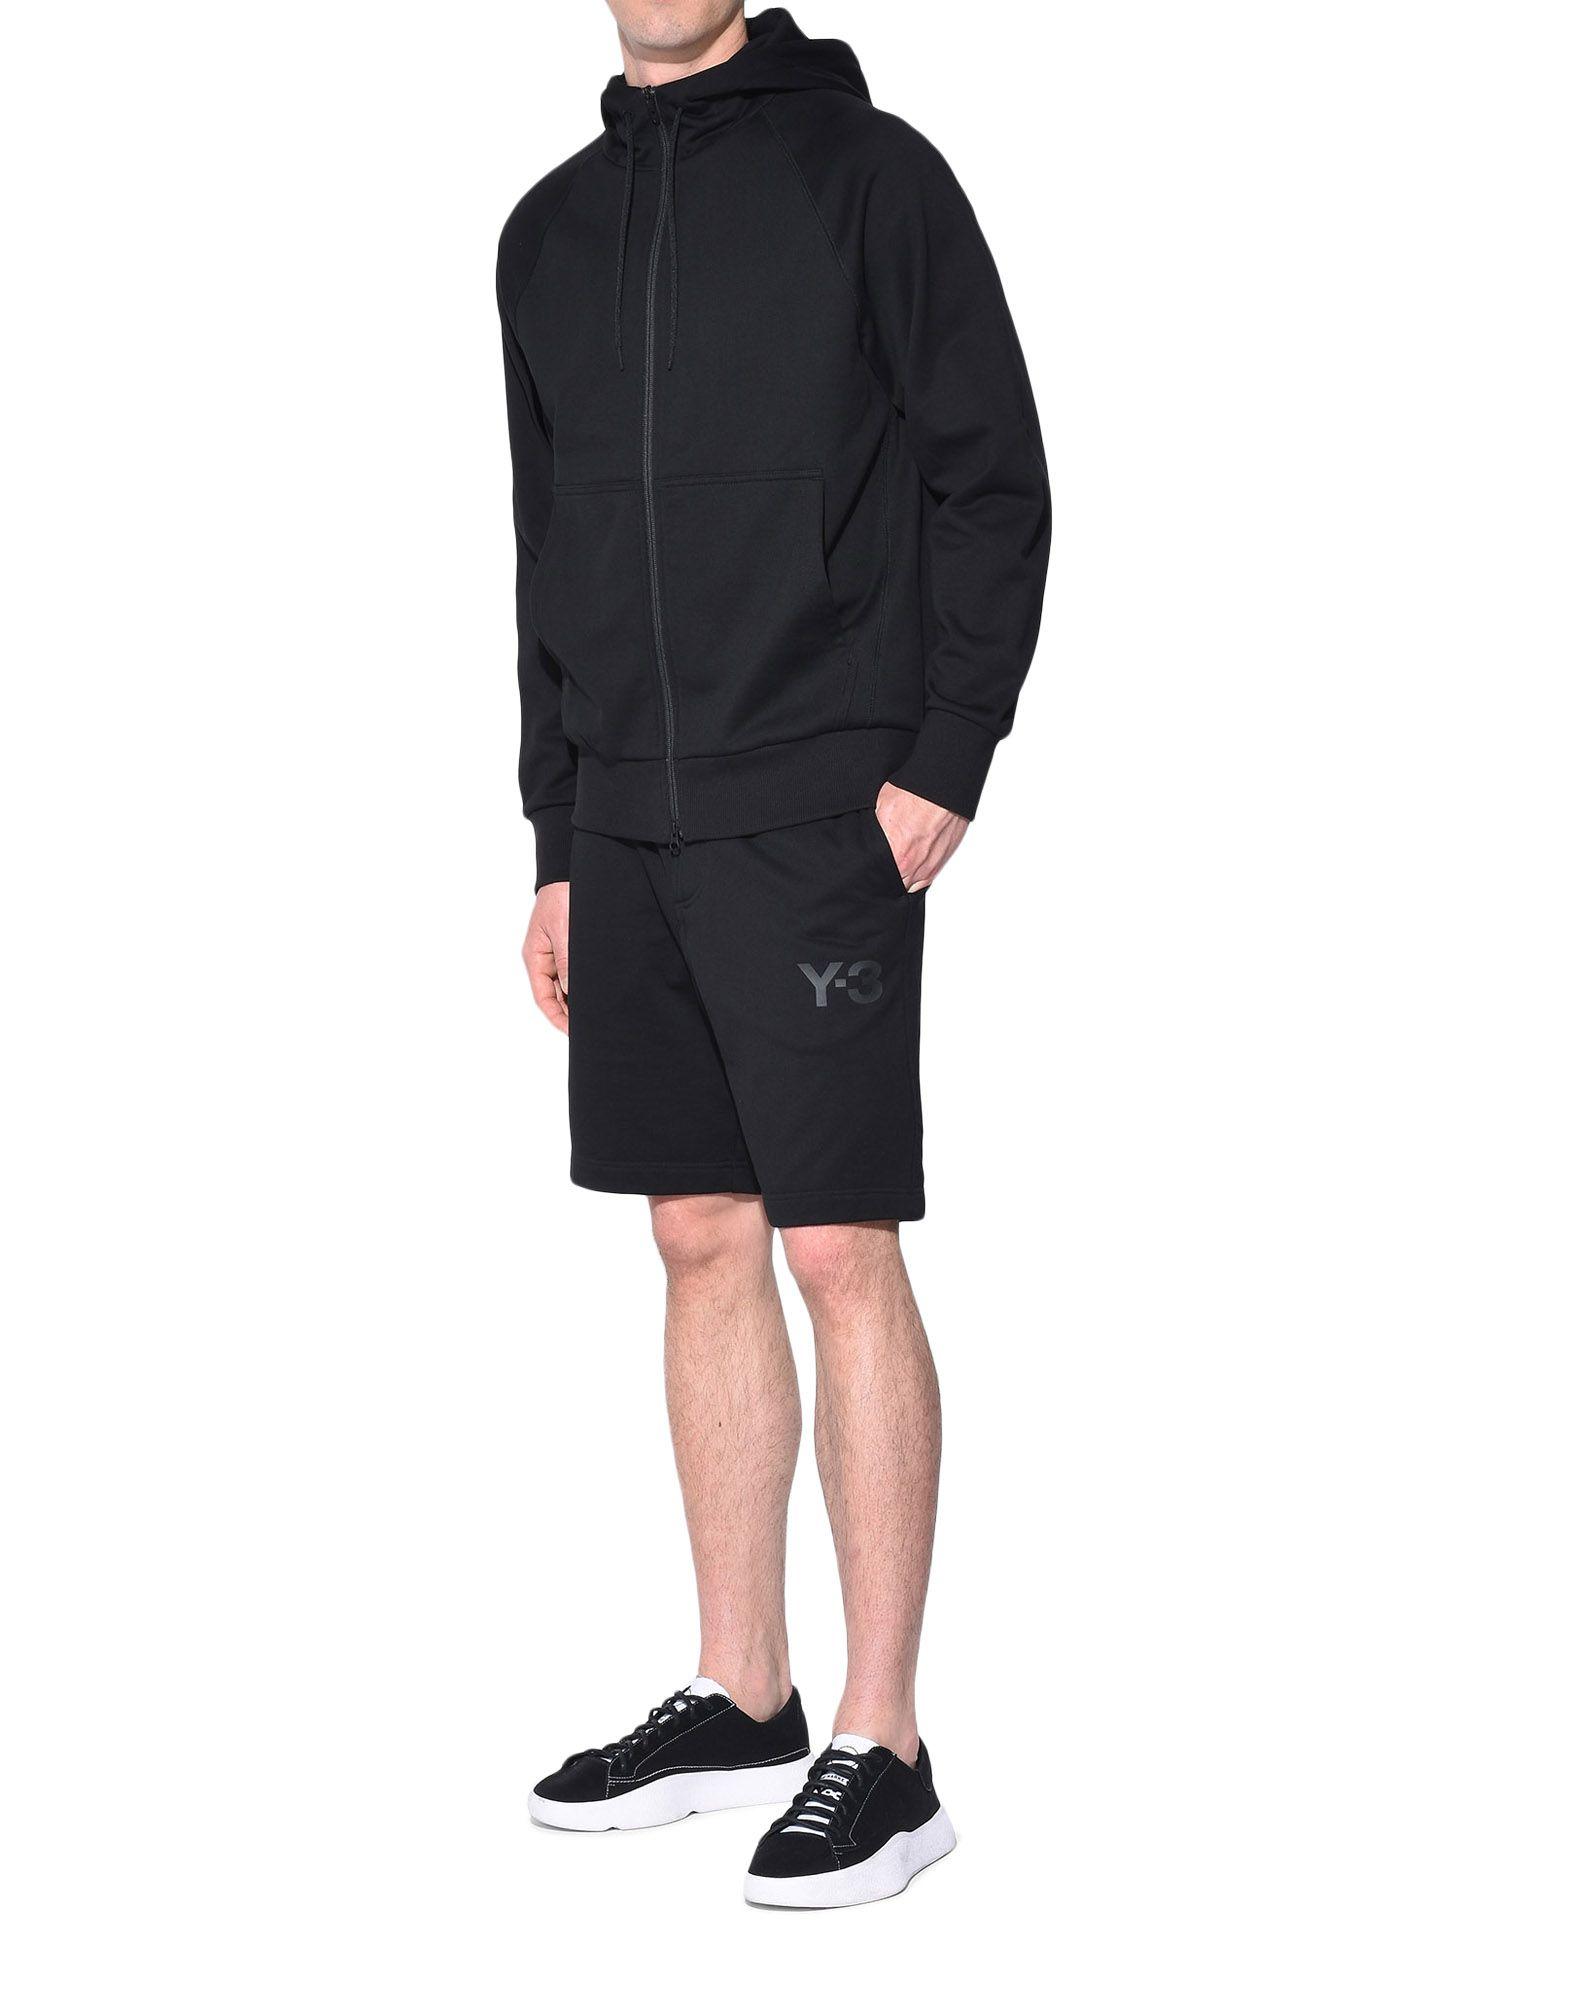 Y-3 Y-3 CLASSIC HOODIE Hooded sweatshirt Man a